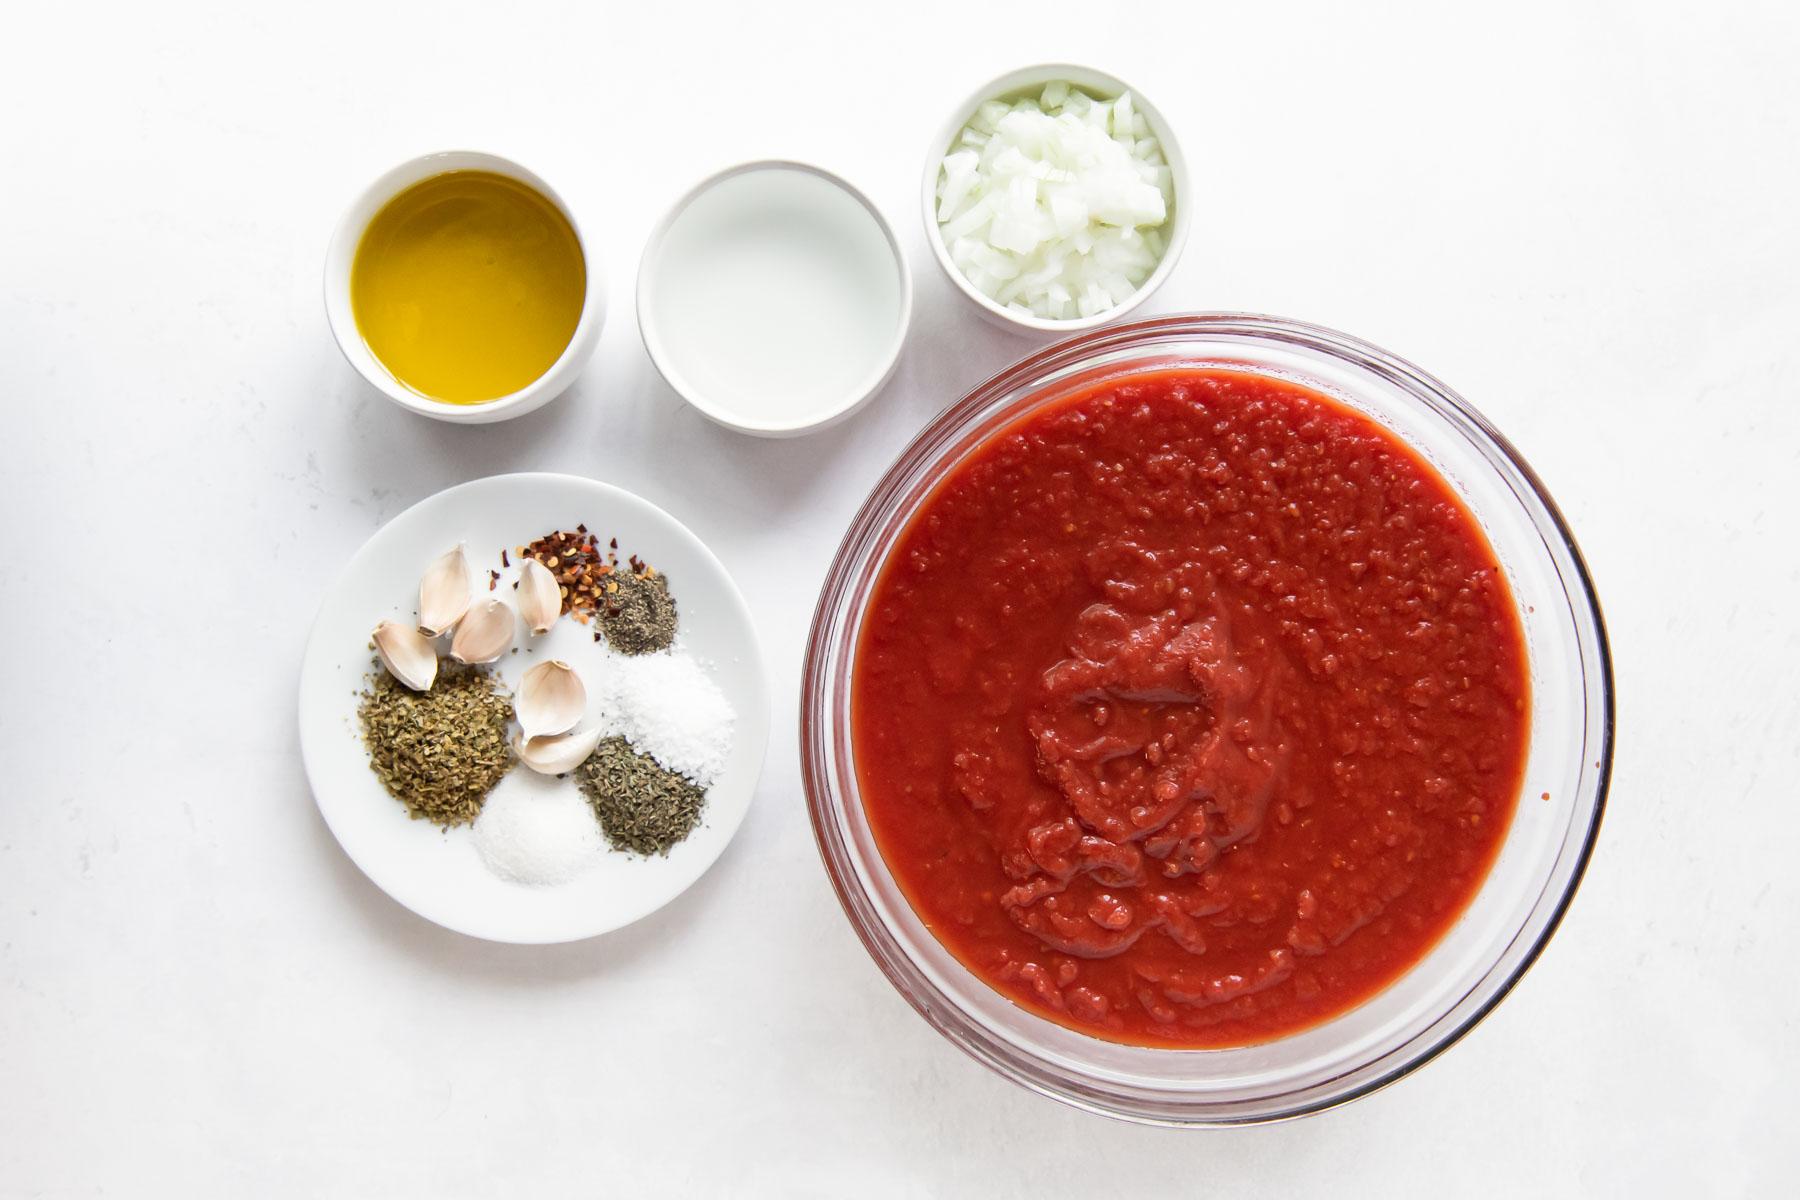 ingredients for marinara sauce recipe